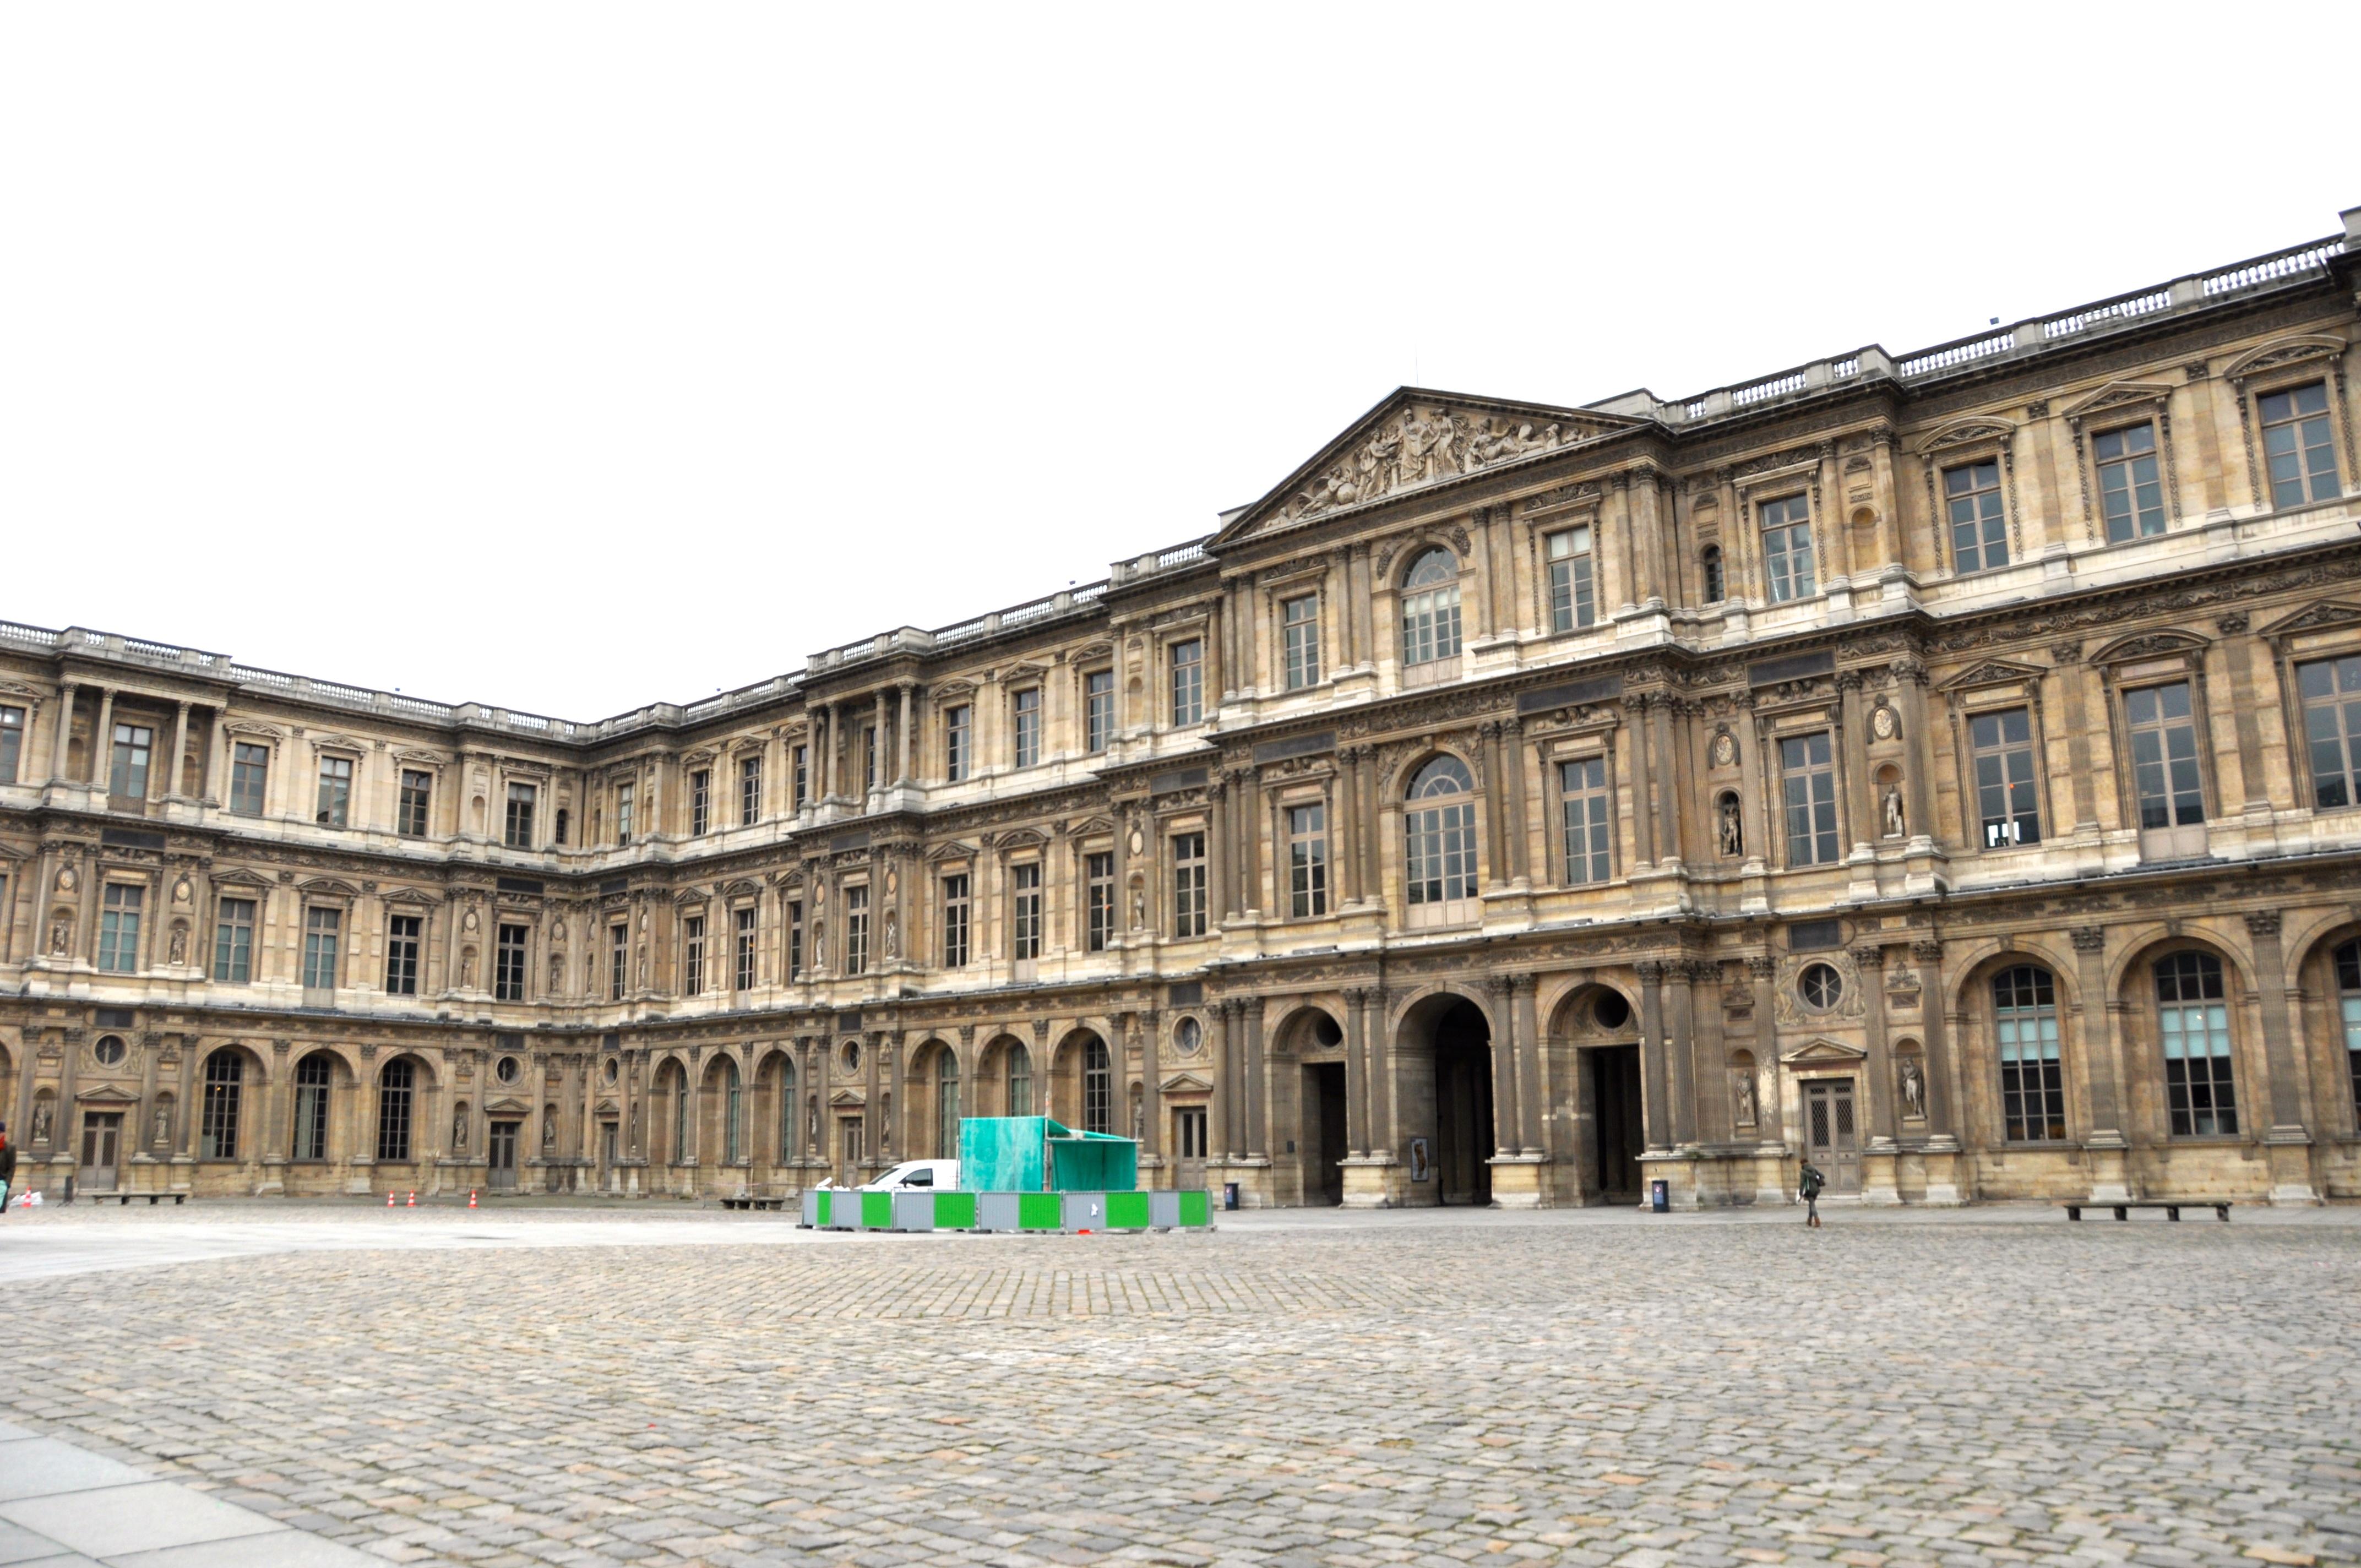 Aile méridionale de la Cour Carrée, Le Louvre, Paris